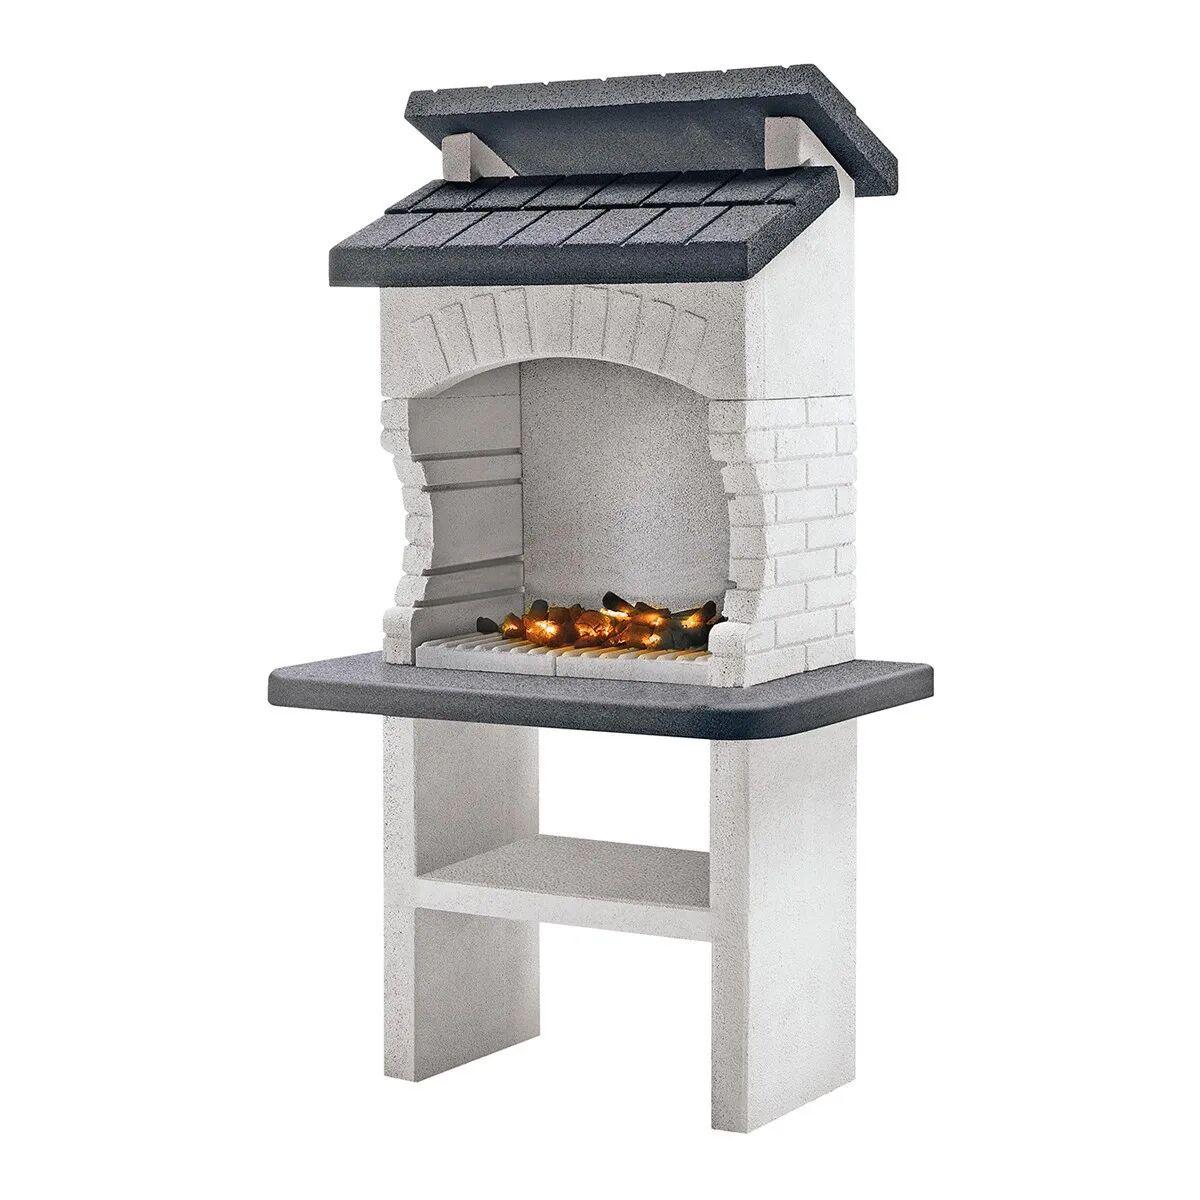 palazzetti barbecue  olbia 110x71x176 cm legna griglia 68x40 cm peso 560 kg